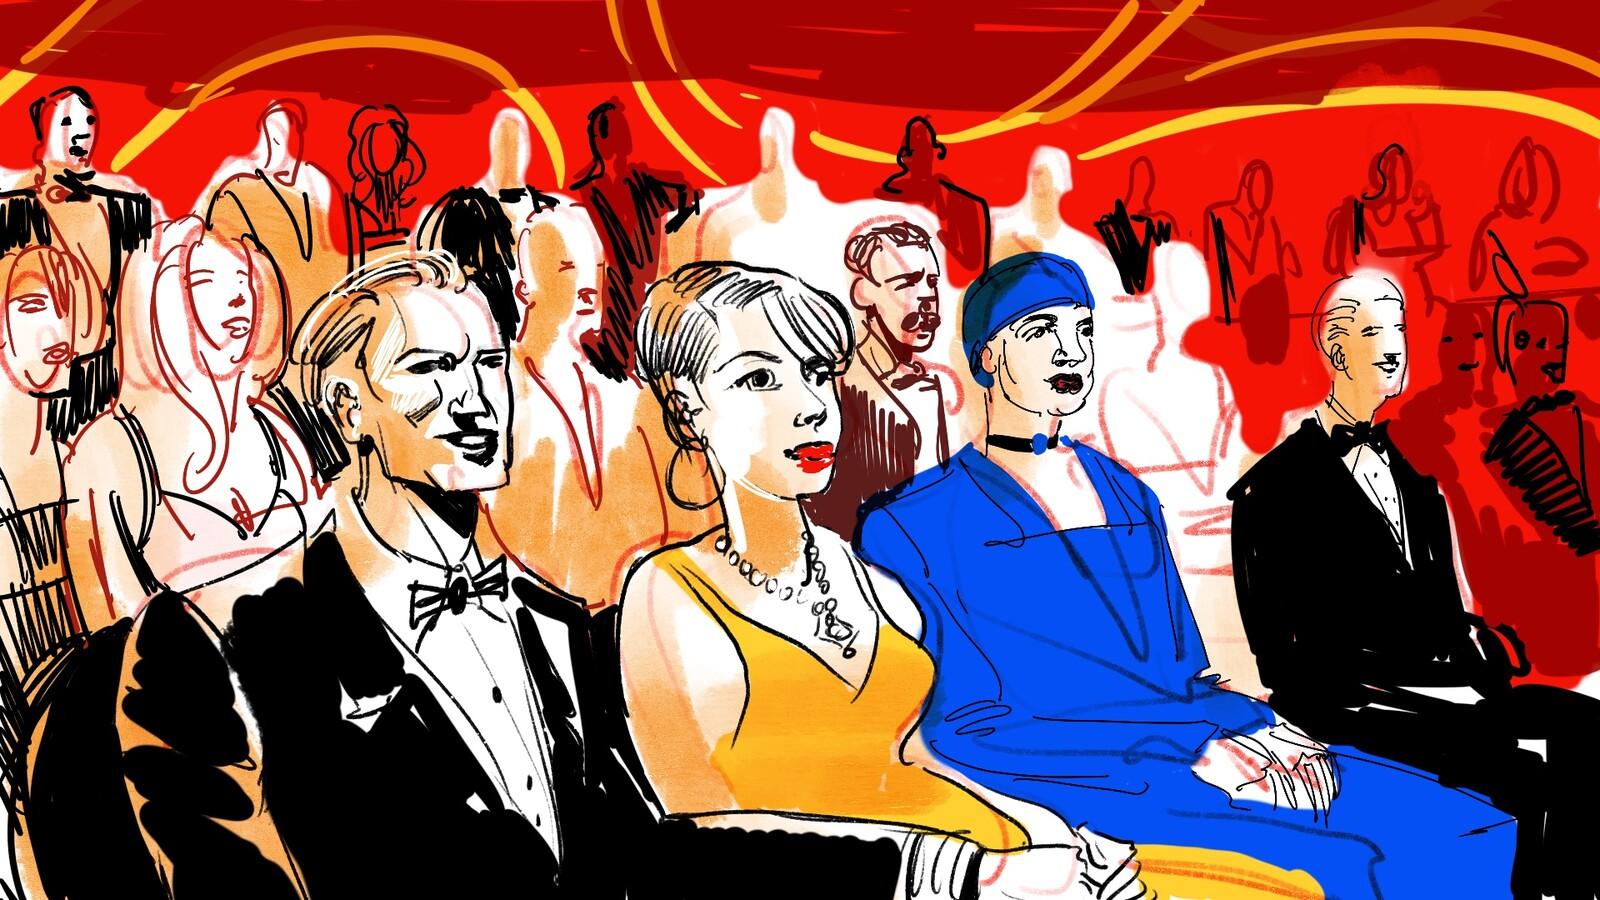 The Oscars frame 2